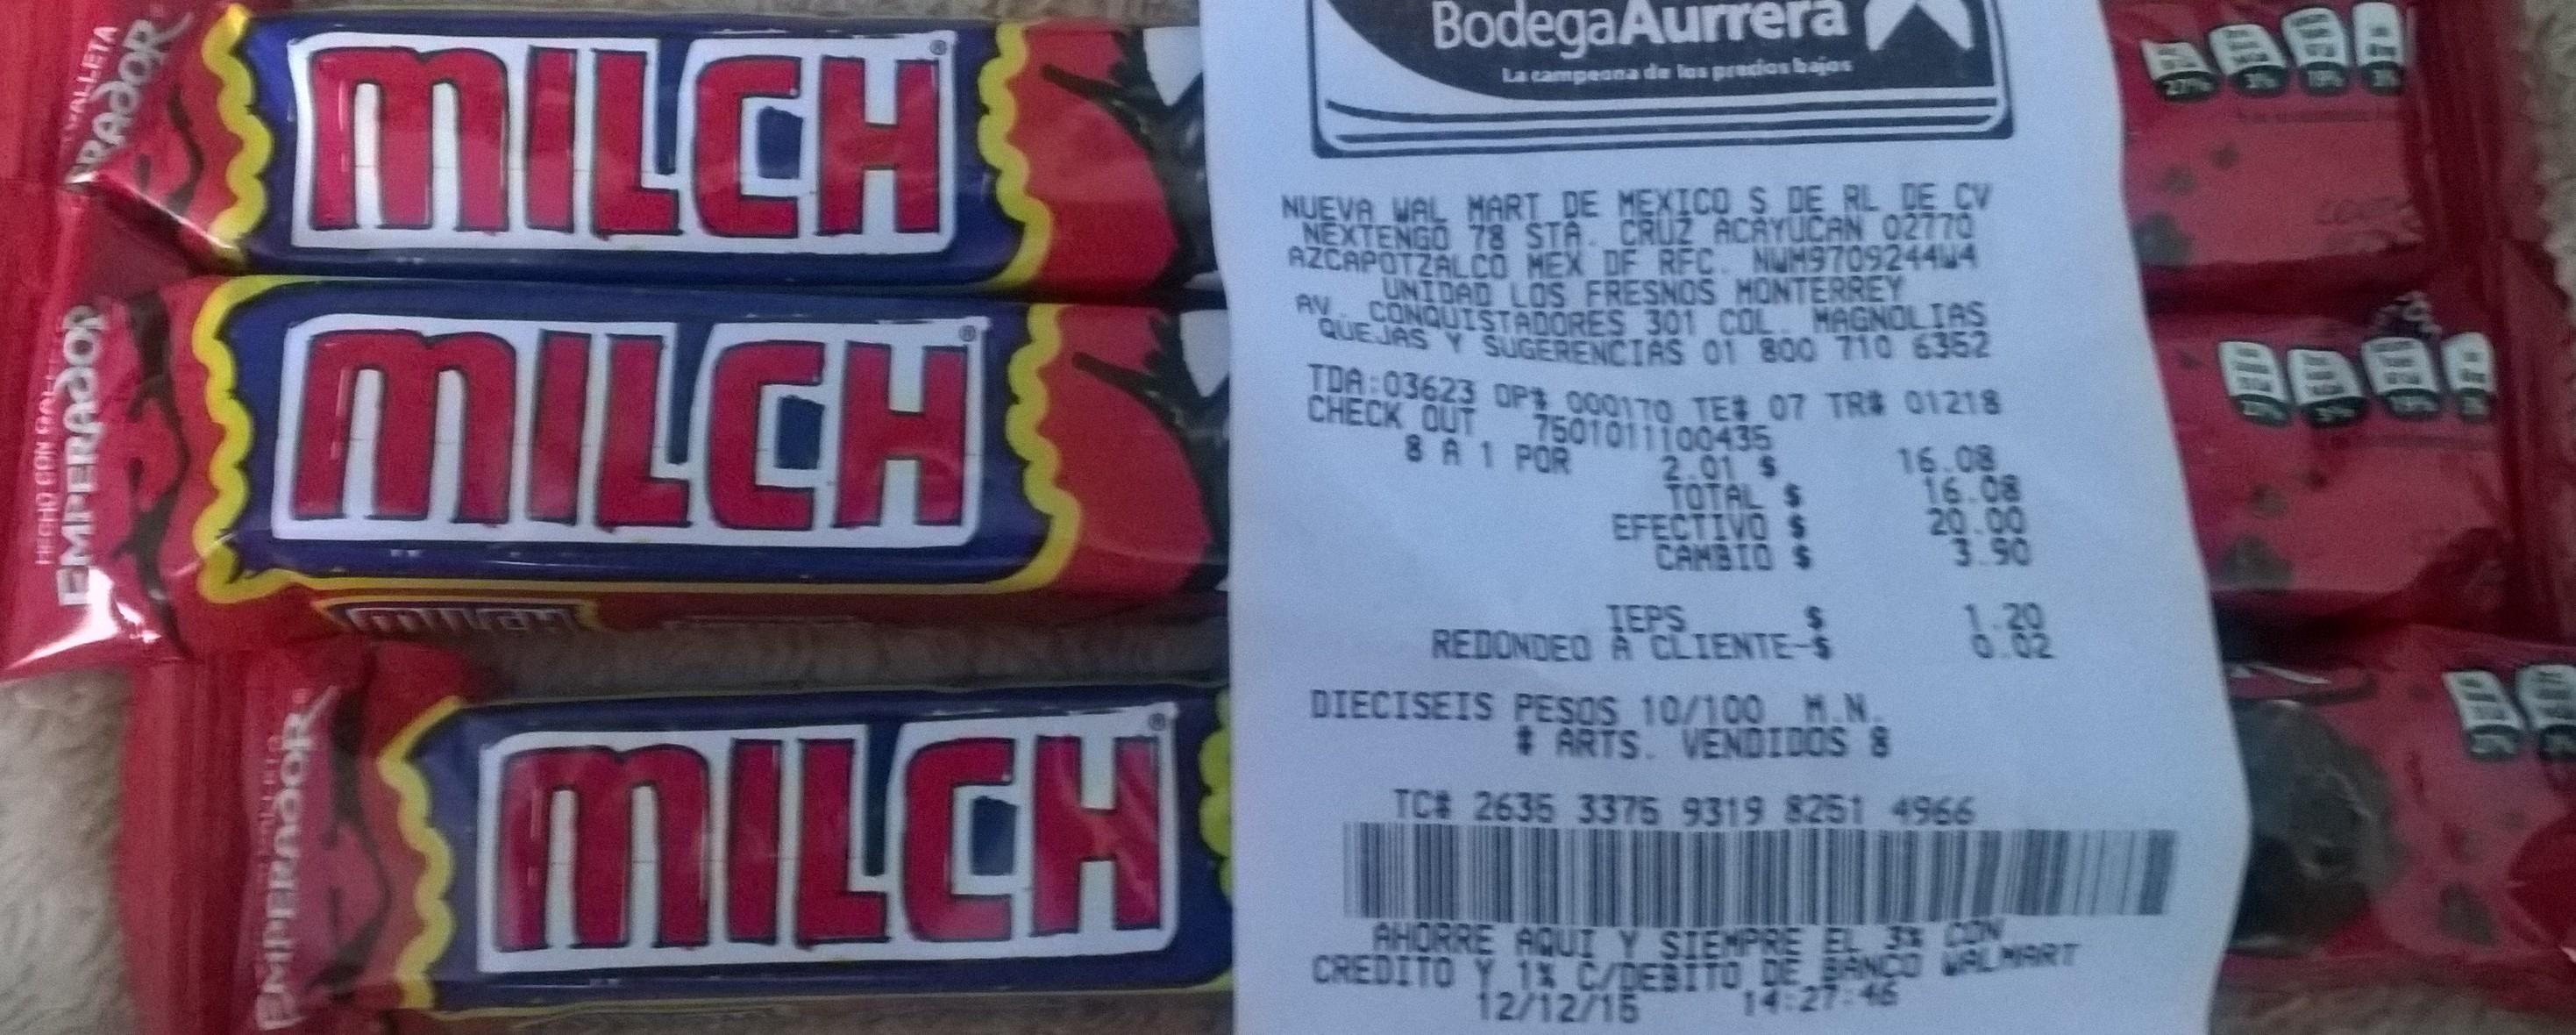 Bodega Aurrerá chocolate milch emperador a 2 pesitos